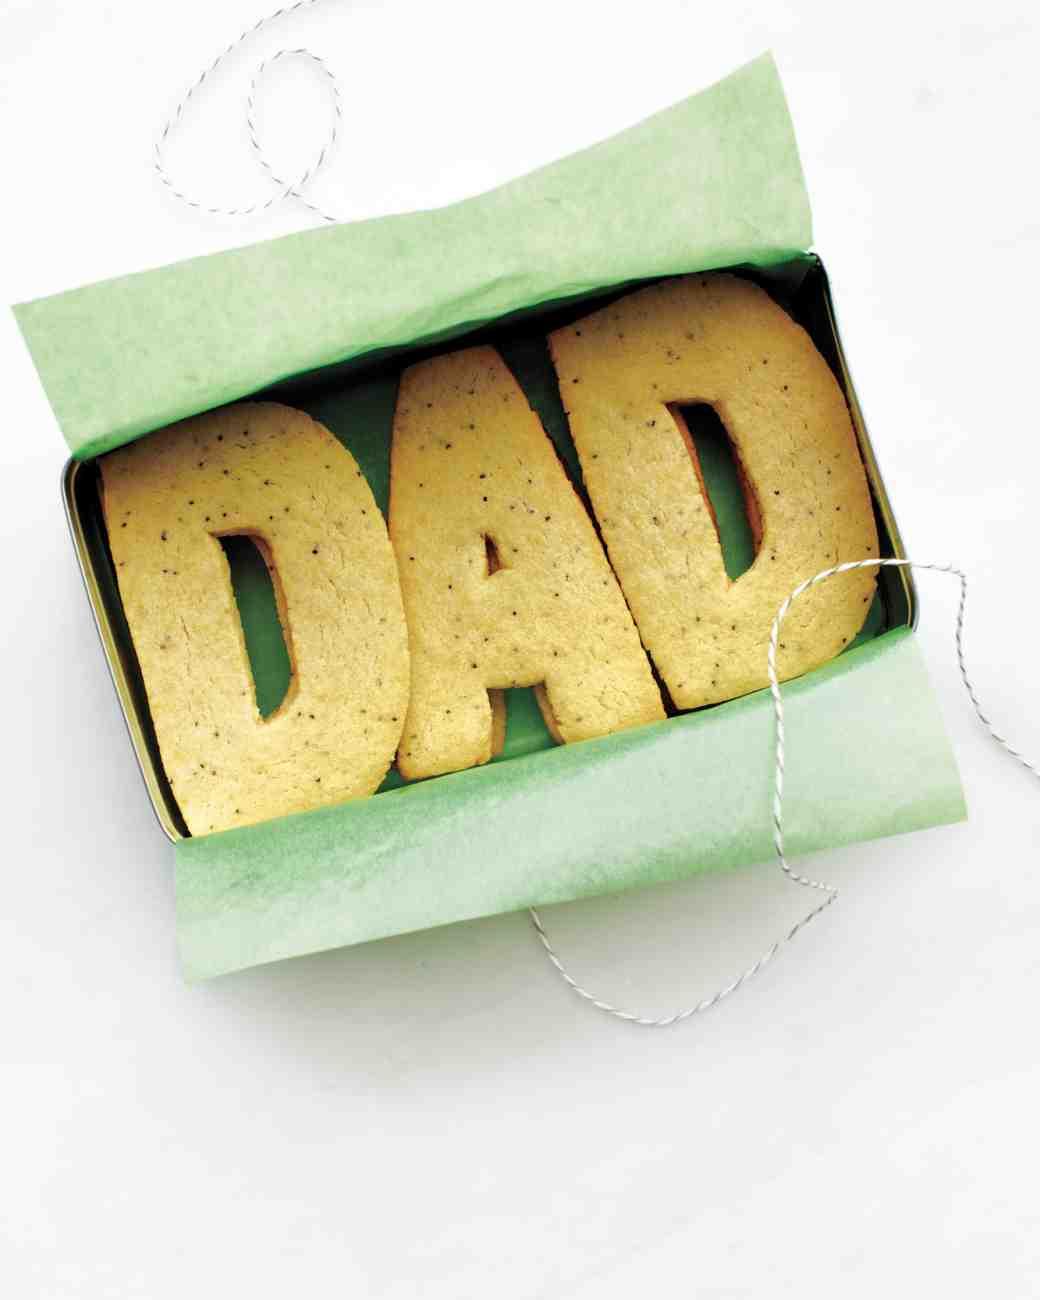 dad 6